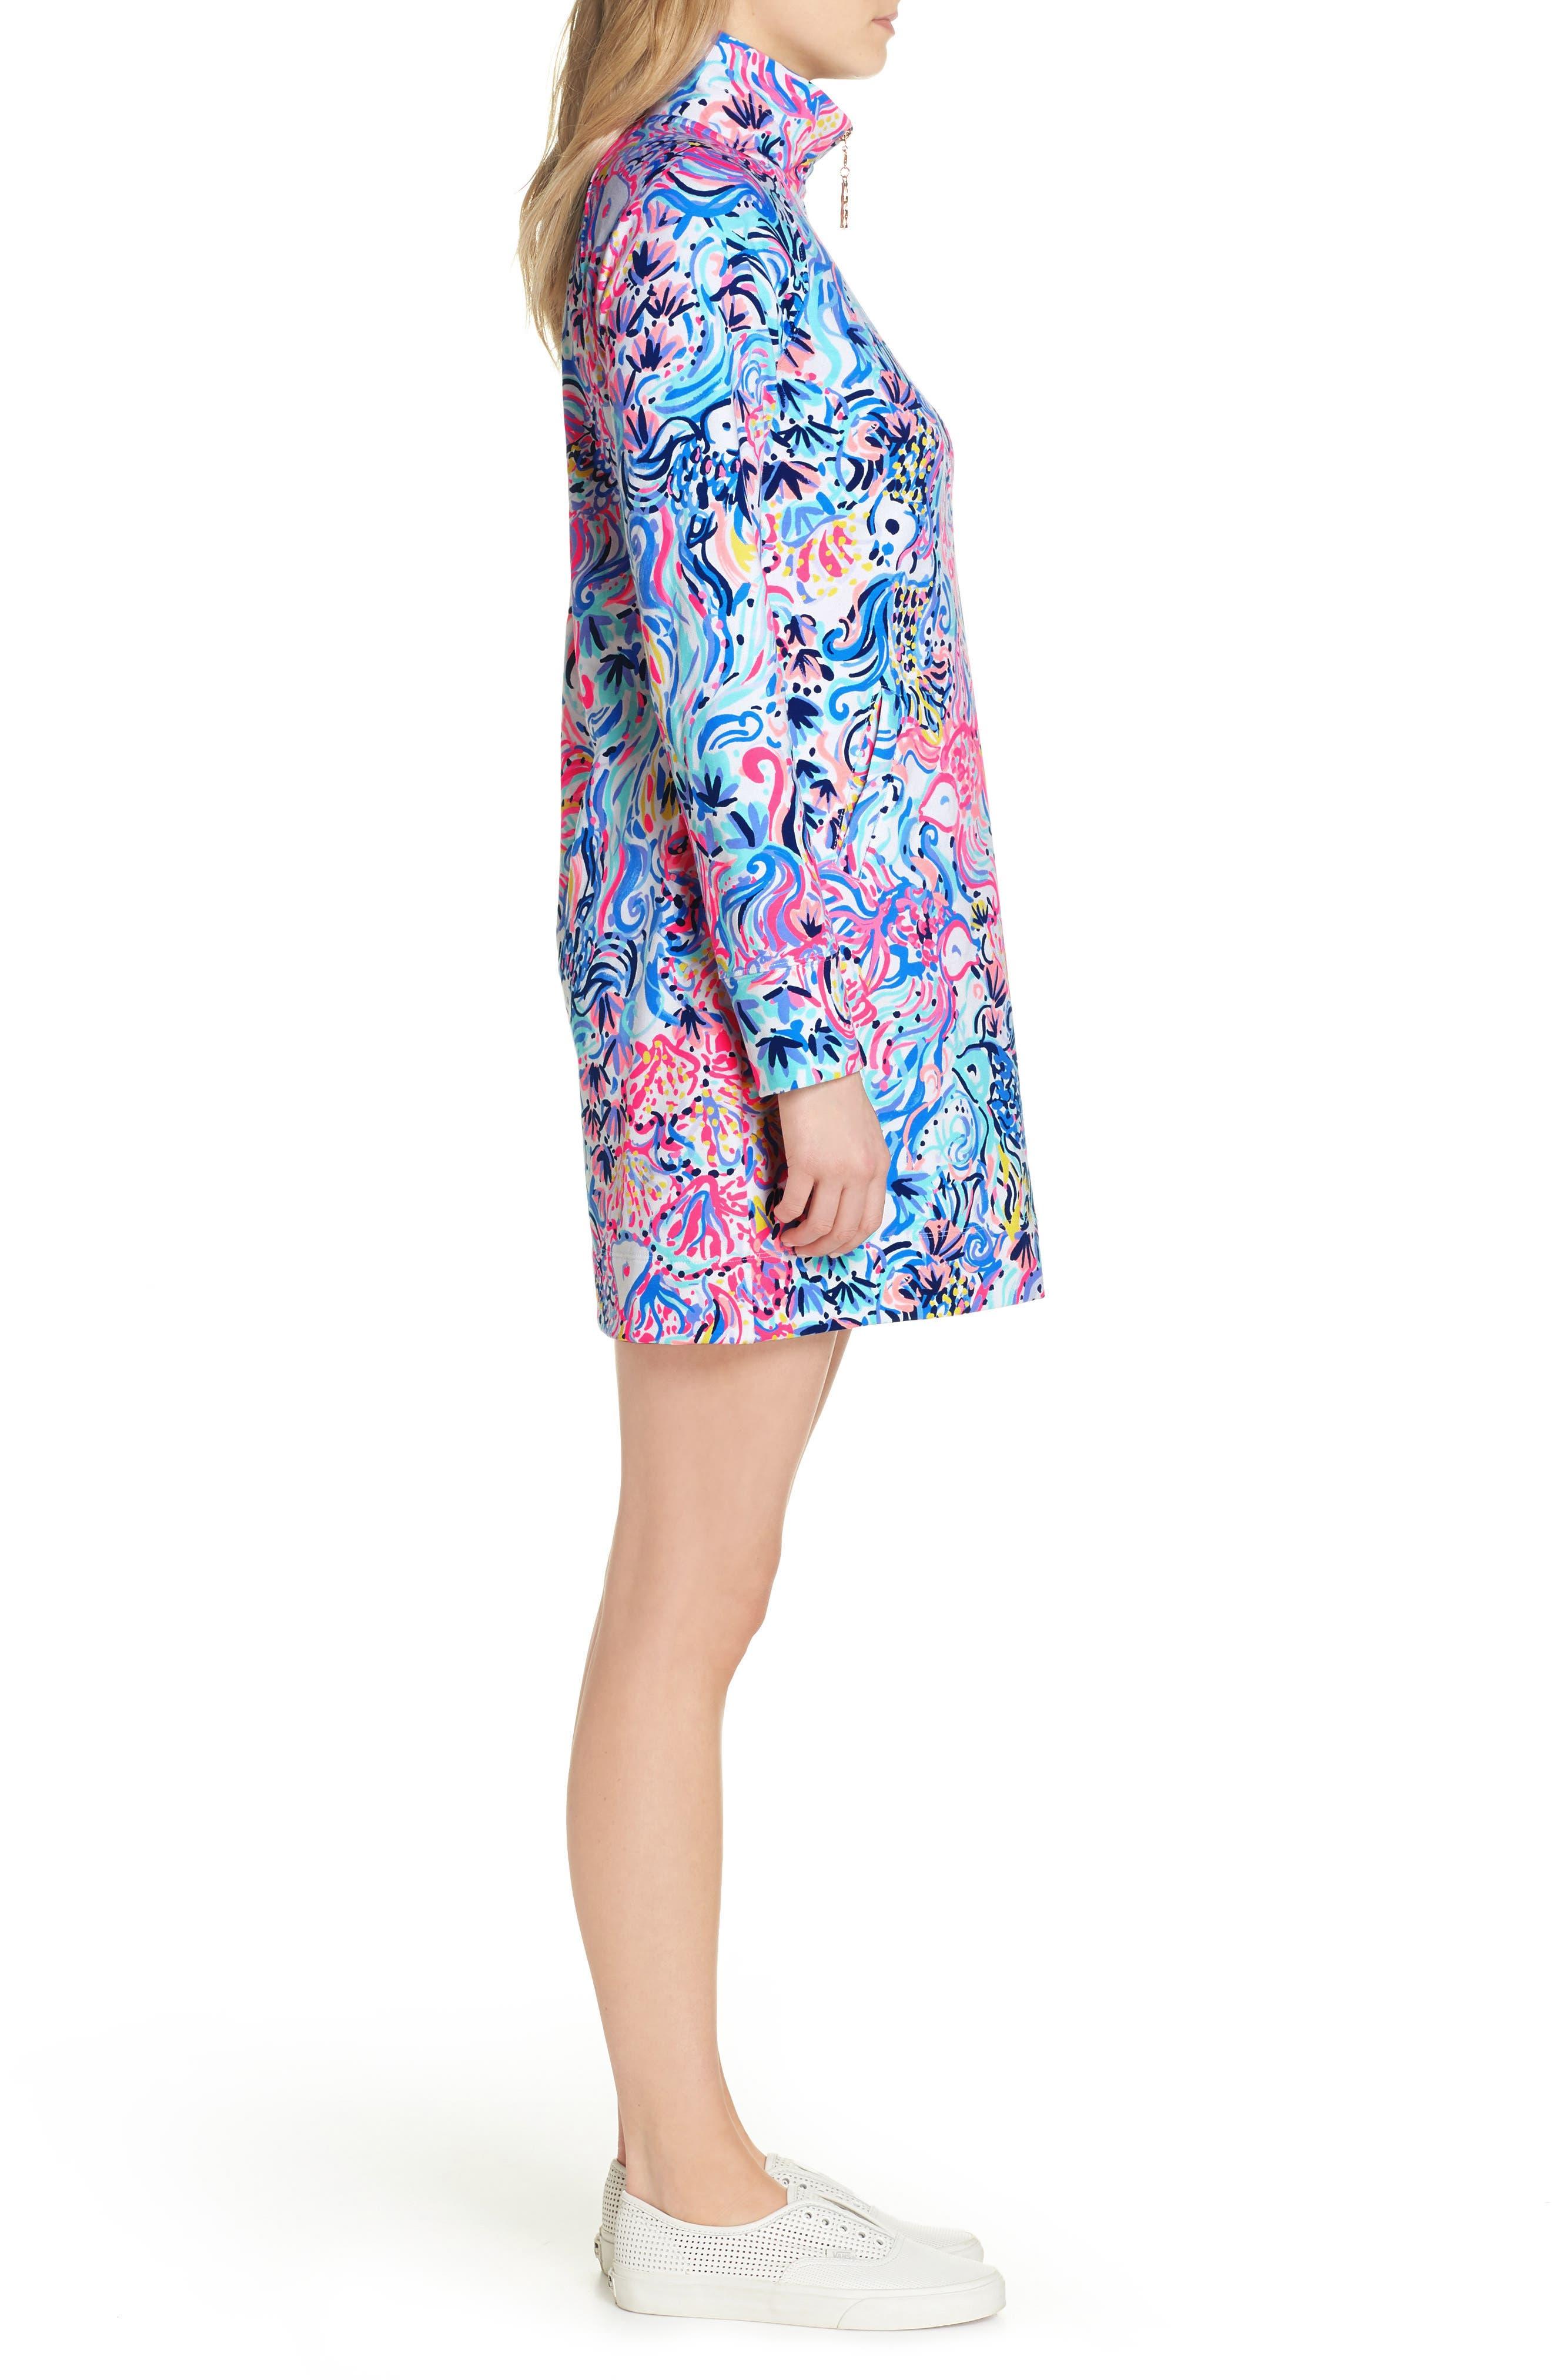 Skipper UPF 50+ Dress,                             Alternate thumbnail 3, color,                             MULTI SO SOPHISHTICATED